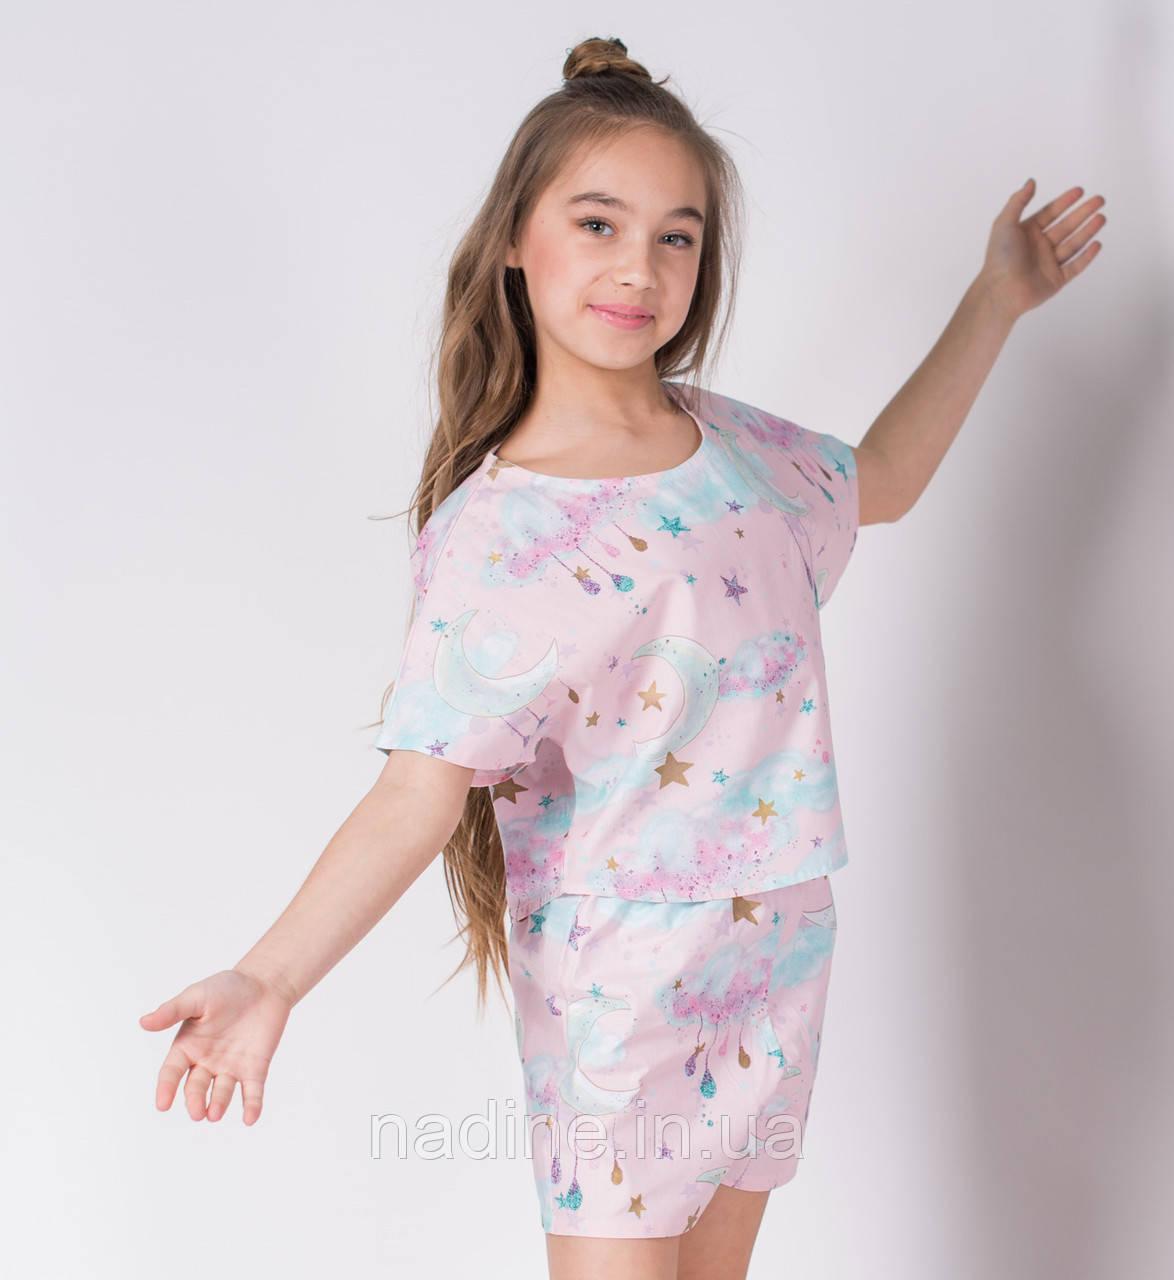 Подростковая пижама Month Eirena Nadine (784-64) на рост 164/42 нежно розовая